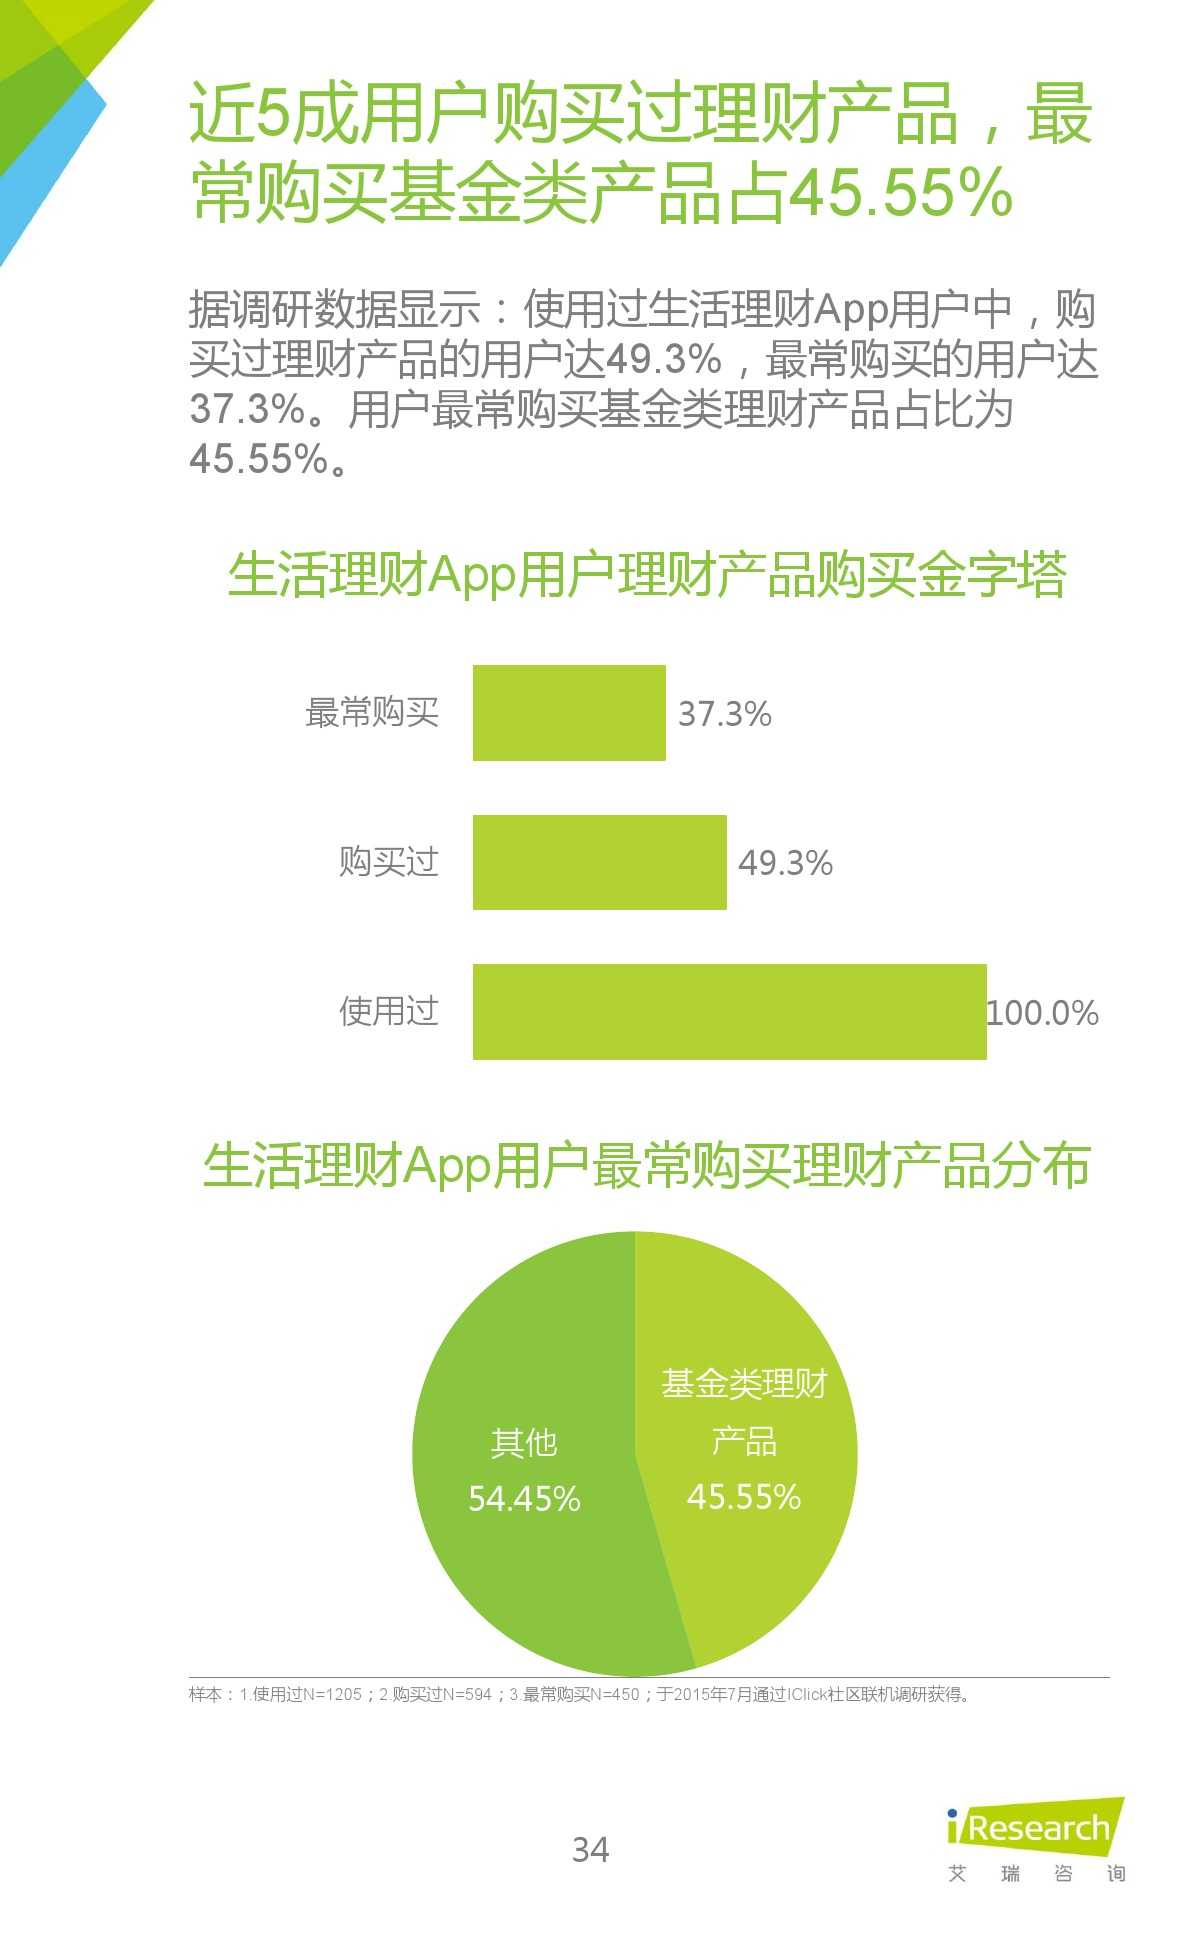 2015年中国生活理财移动App行业研究报告_000034